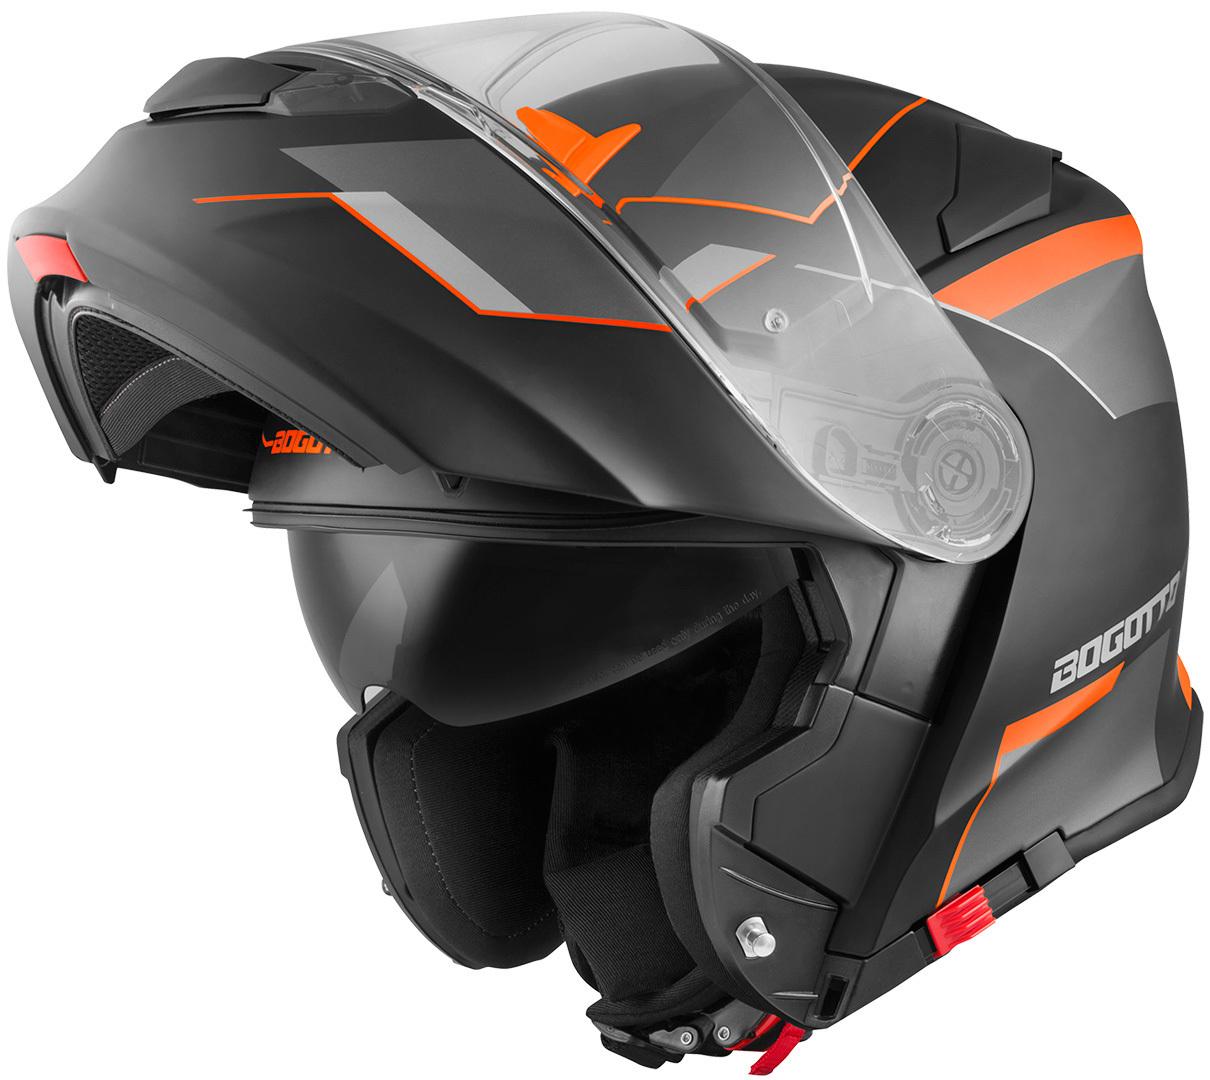 Bogotto V271 Delta Klapphelm, schwarz-orange, Größe XL, schwarz-orange, Größe XL